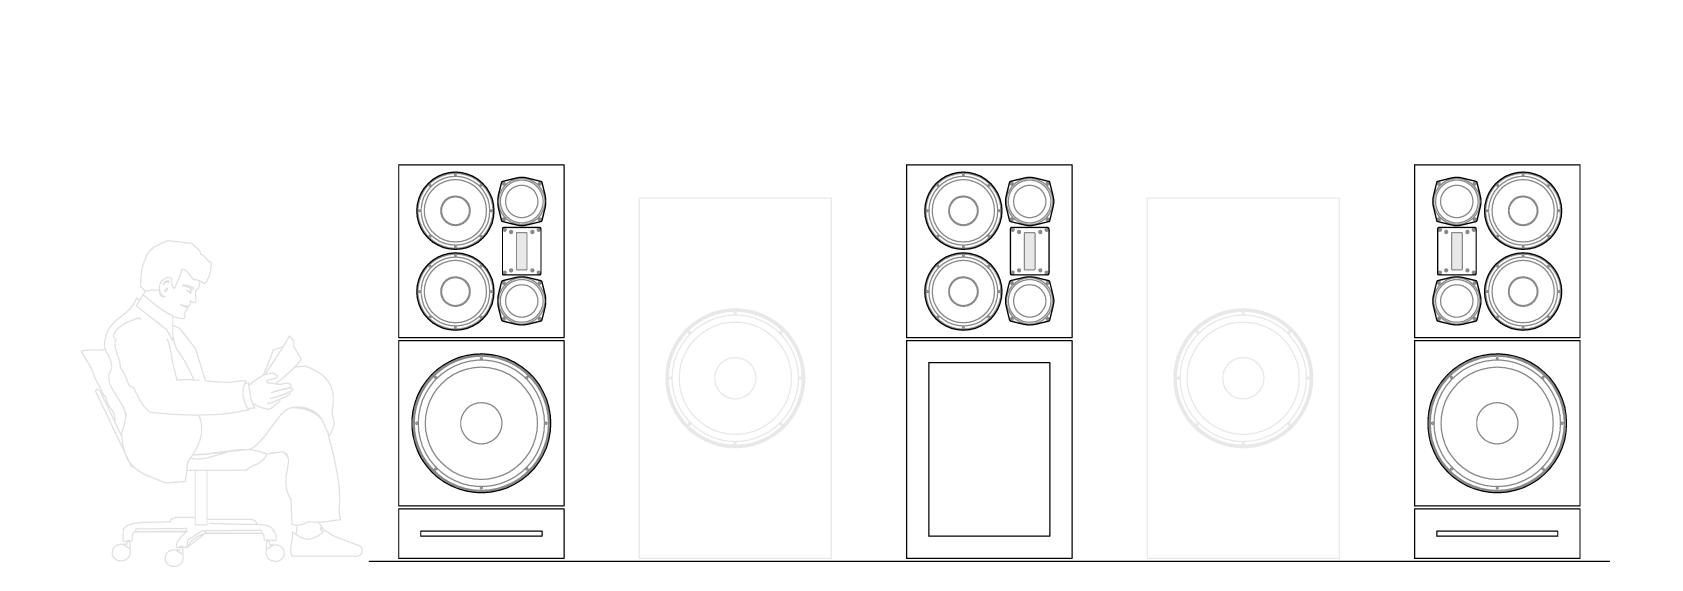 Custom Home Cinema - Design